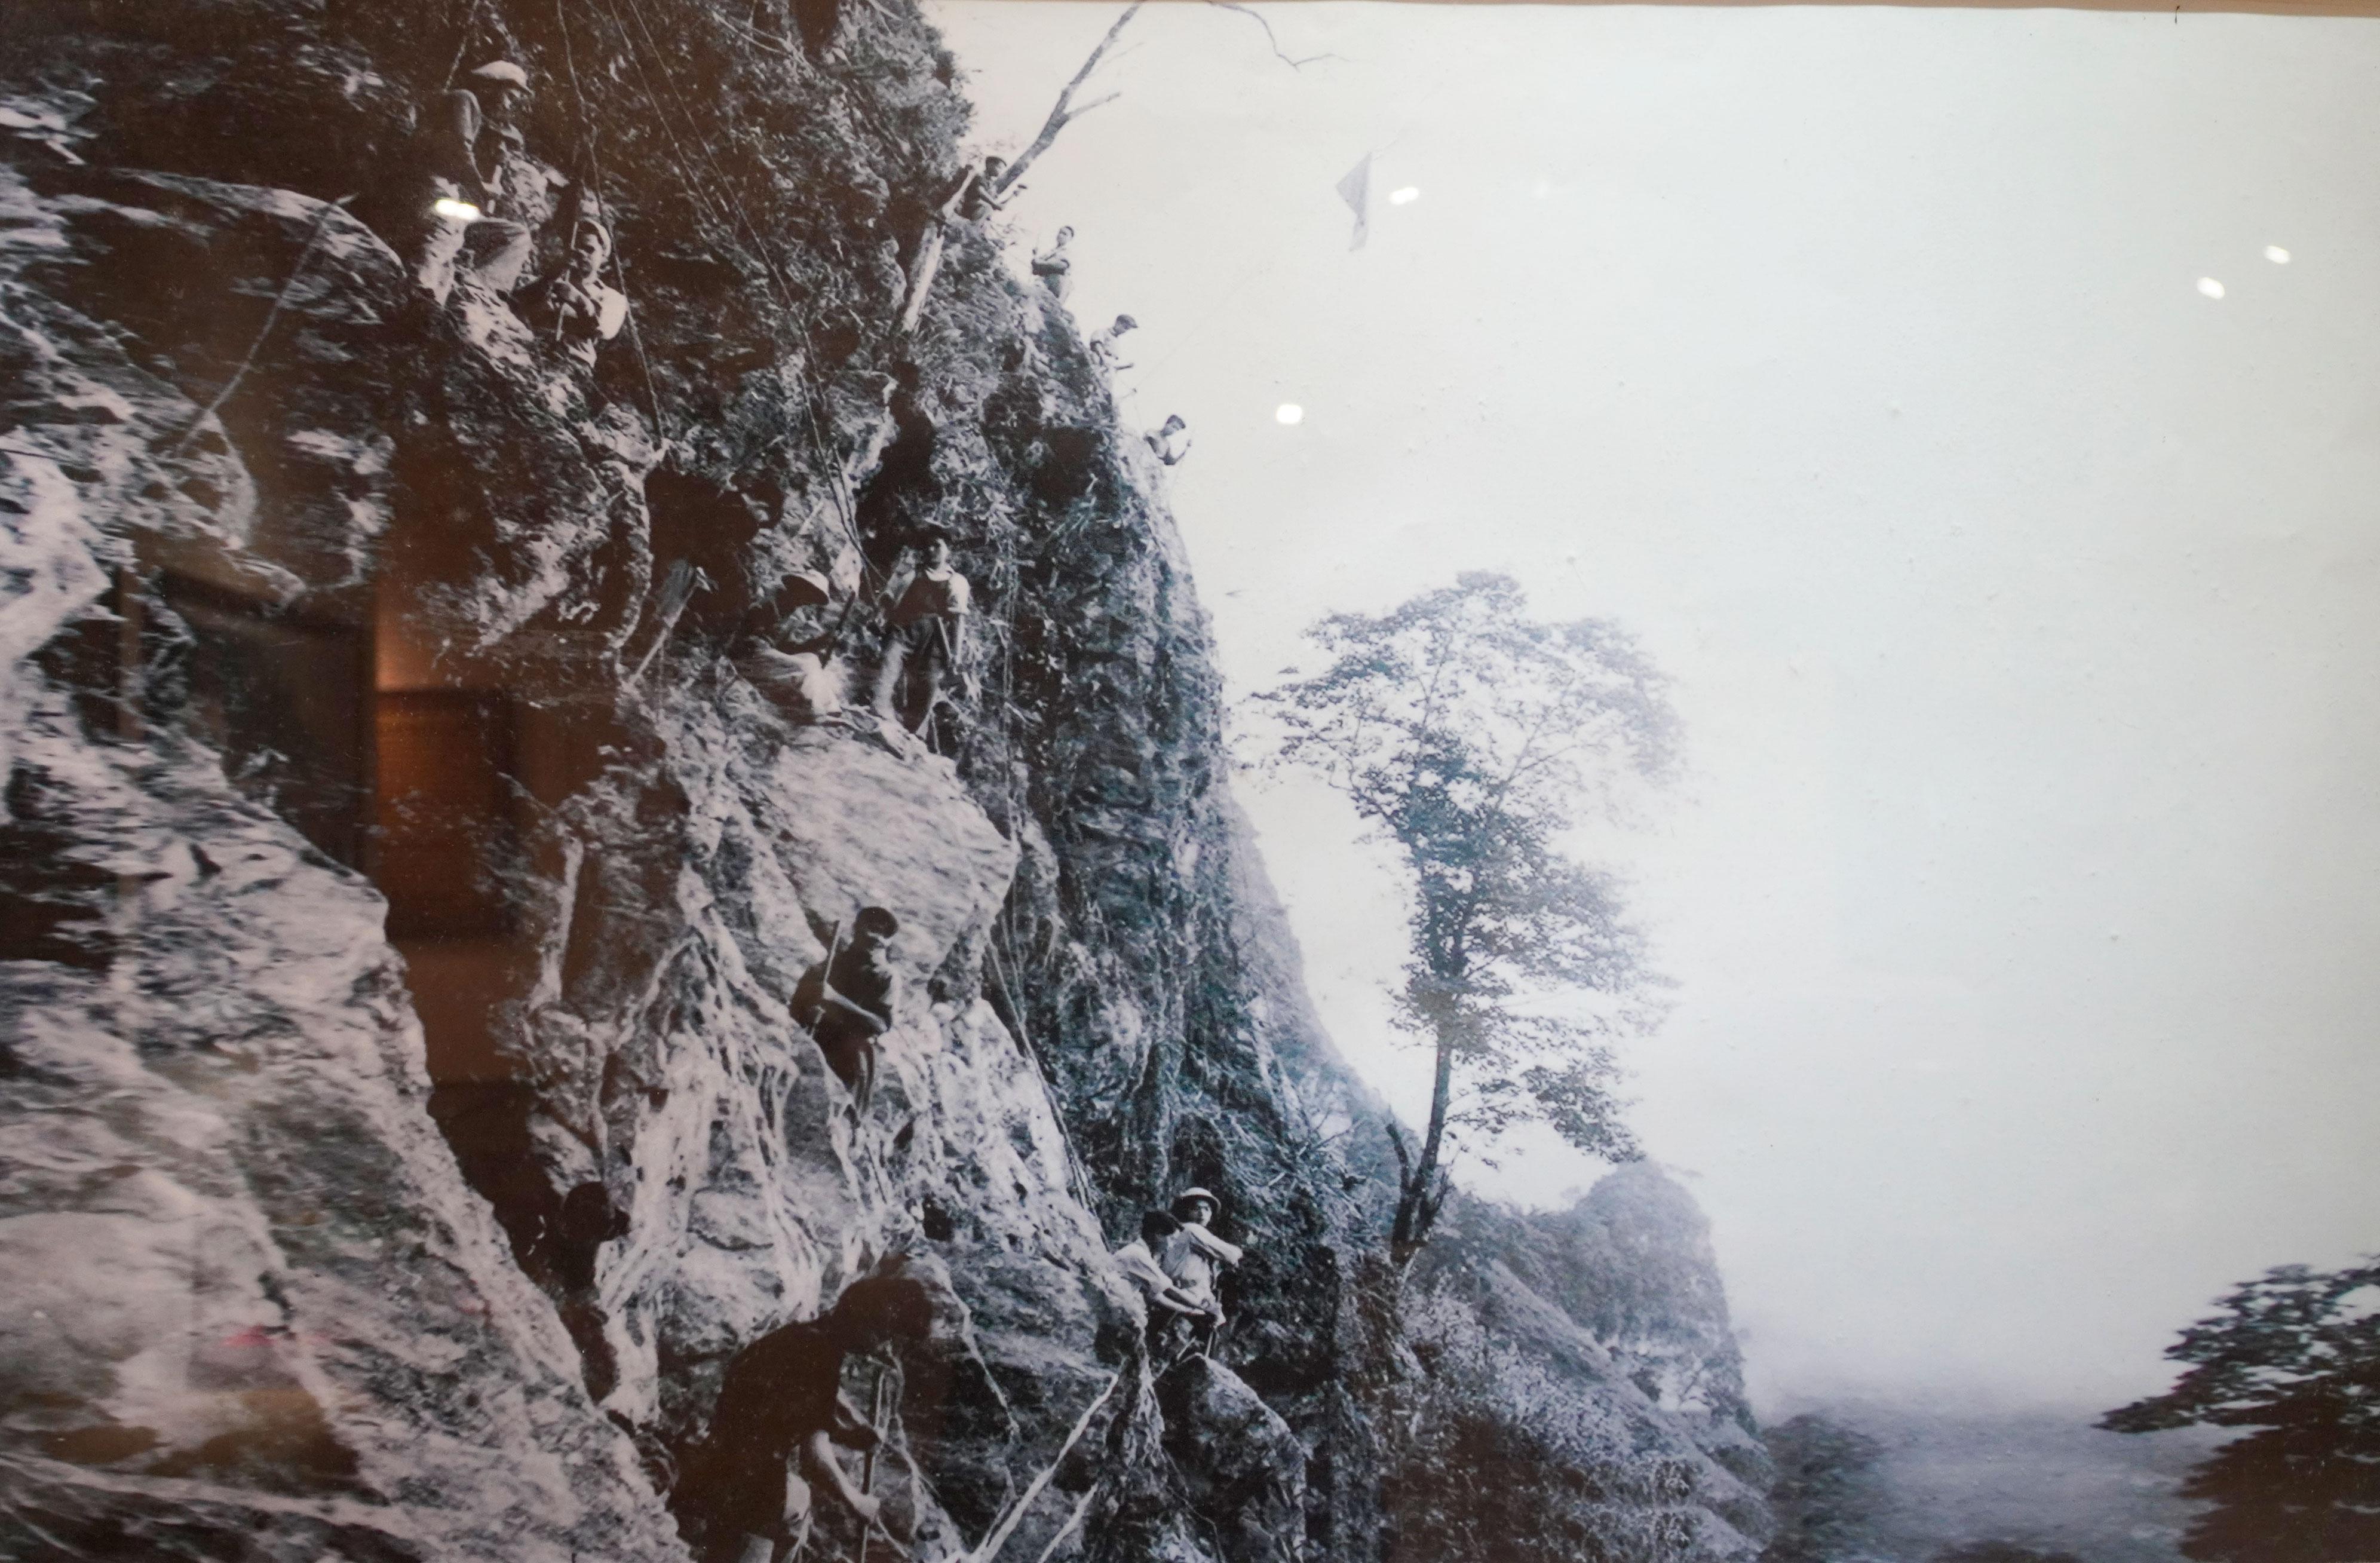 Con đường Hạnh phúc dài gần 200km, một tượng đài bất tử của đại đoàn kết dân tộc - Ảnh 11.